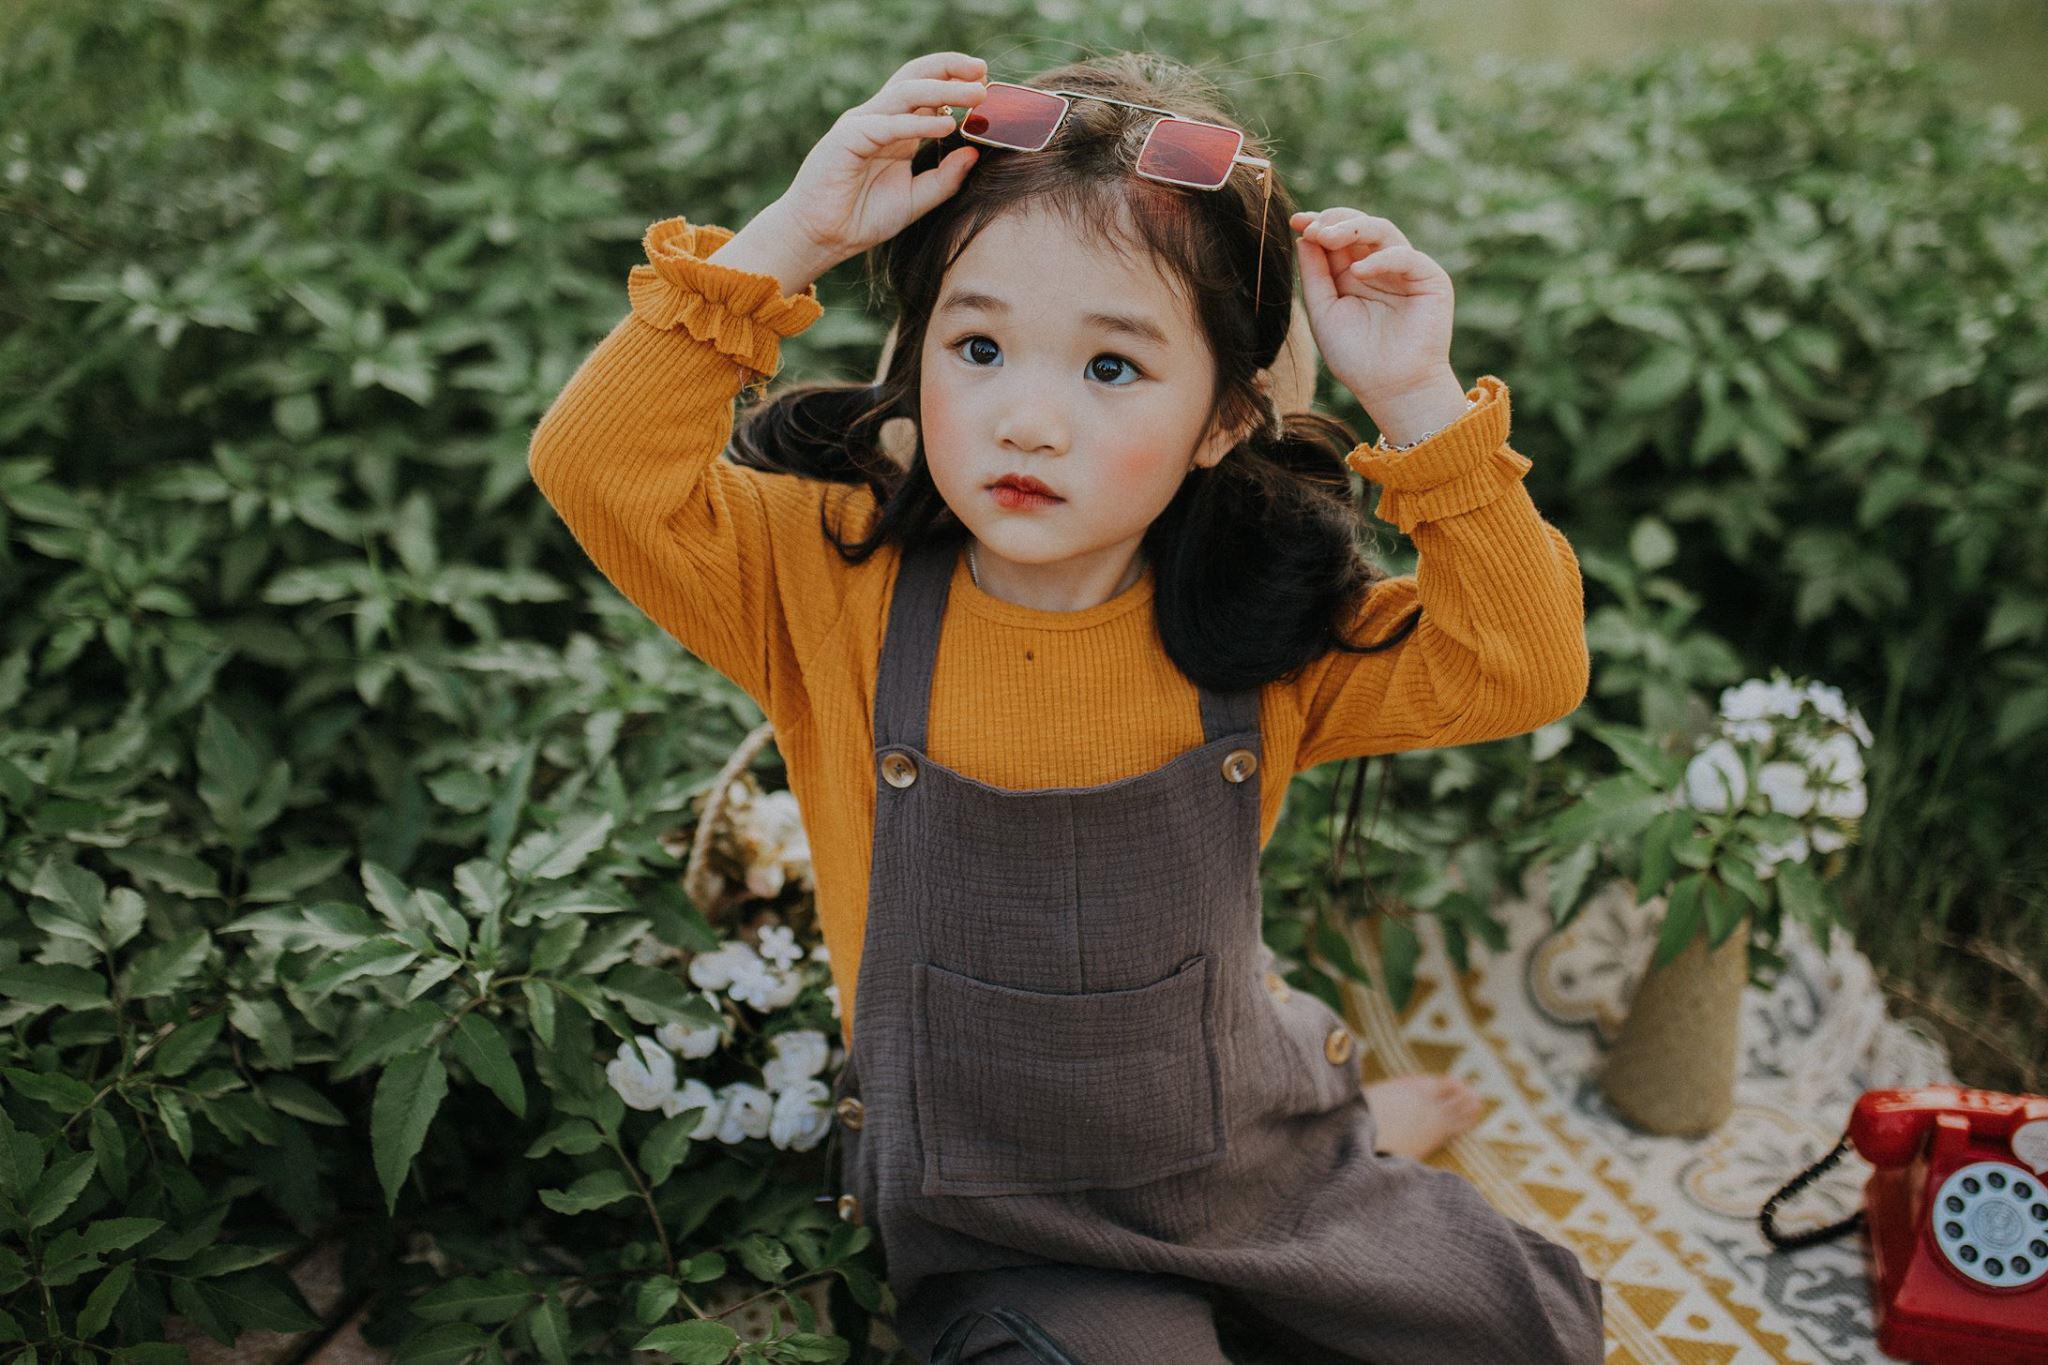 Chụp Ảnh Ngoại Cảnh Cho Bé tại công viên, Địa điểm chụp ảnh Ngoại cảnh cho bé đẹp nhất tại Nha Trang